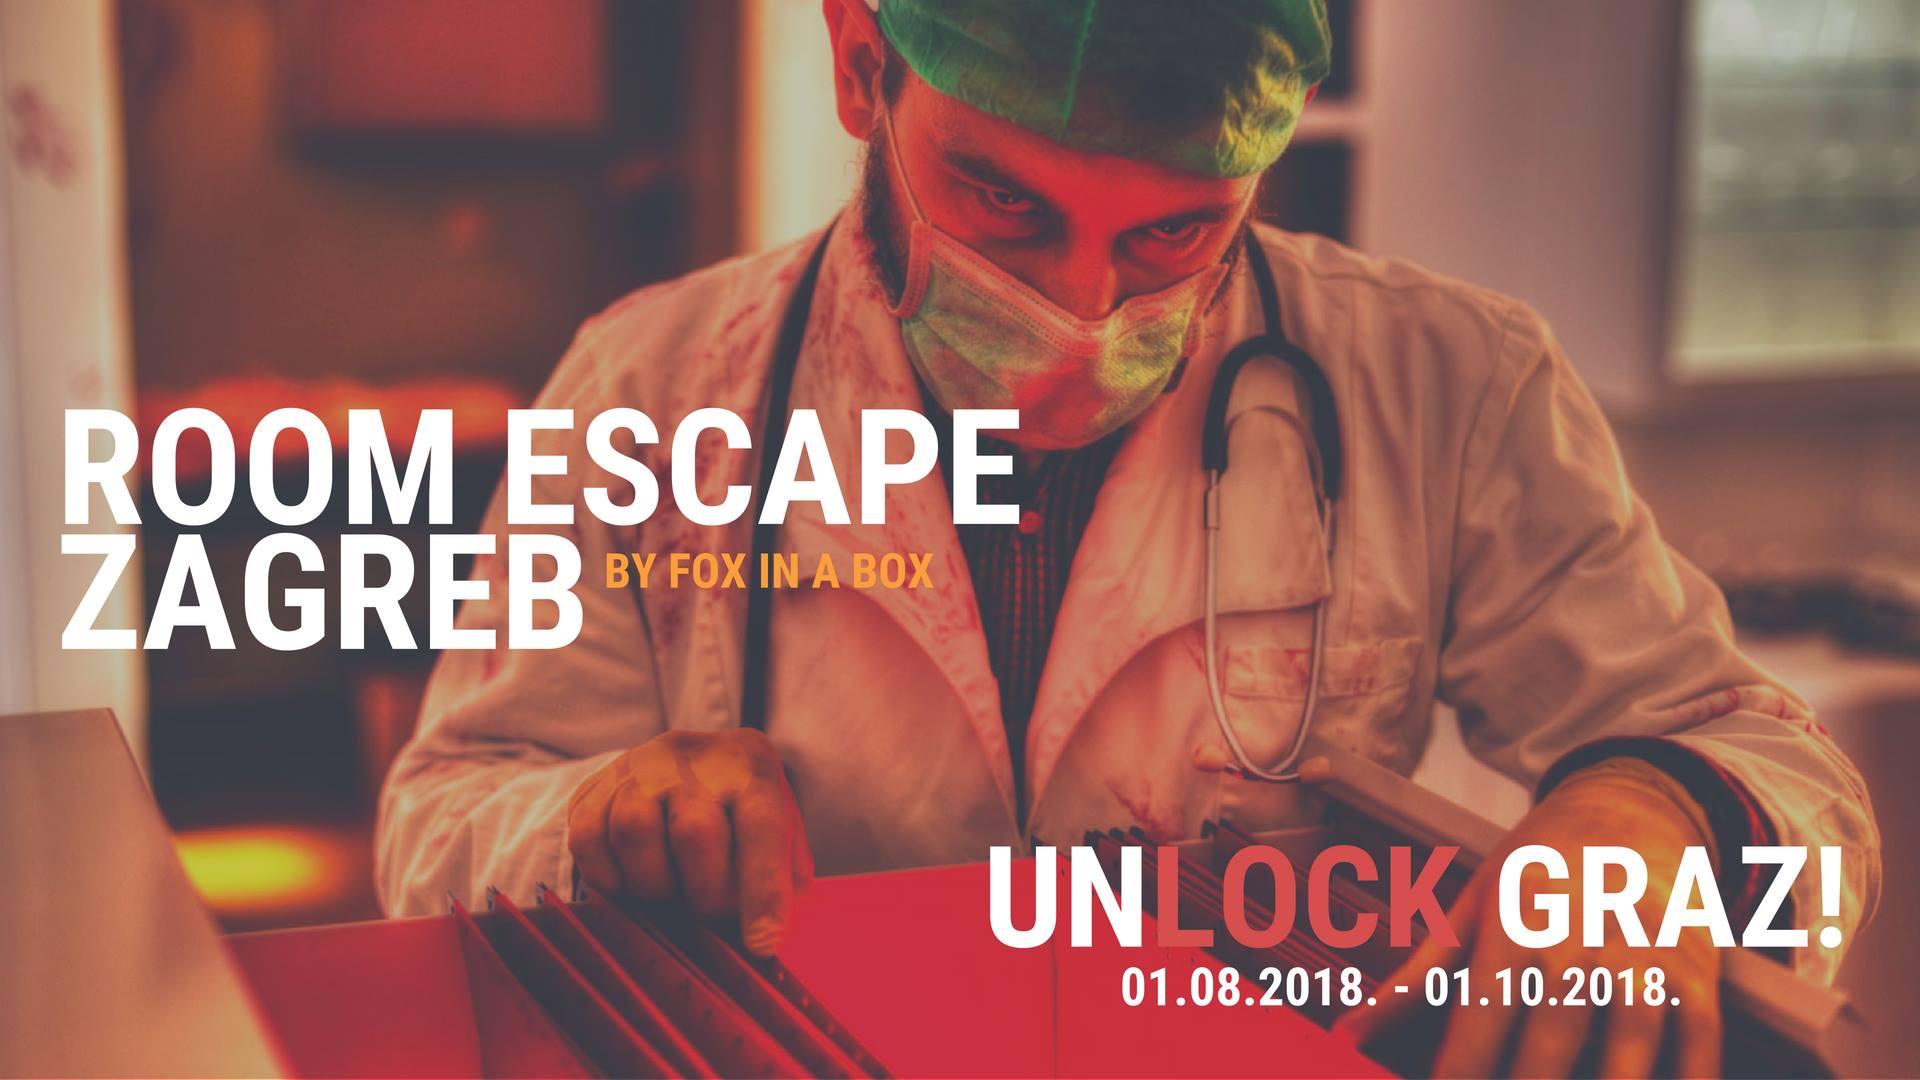 Unlock Graz Zombies Edition Fox In A Box Escape Room